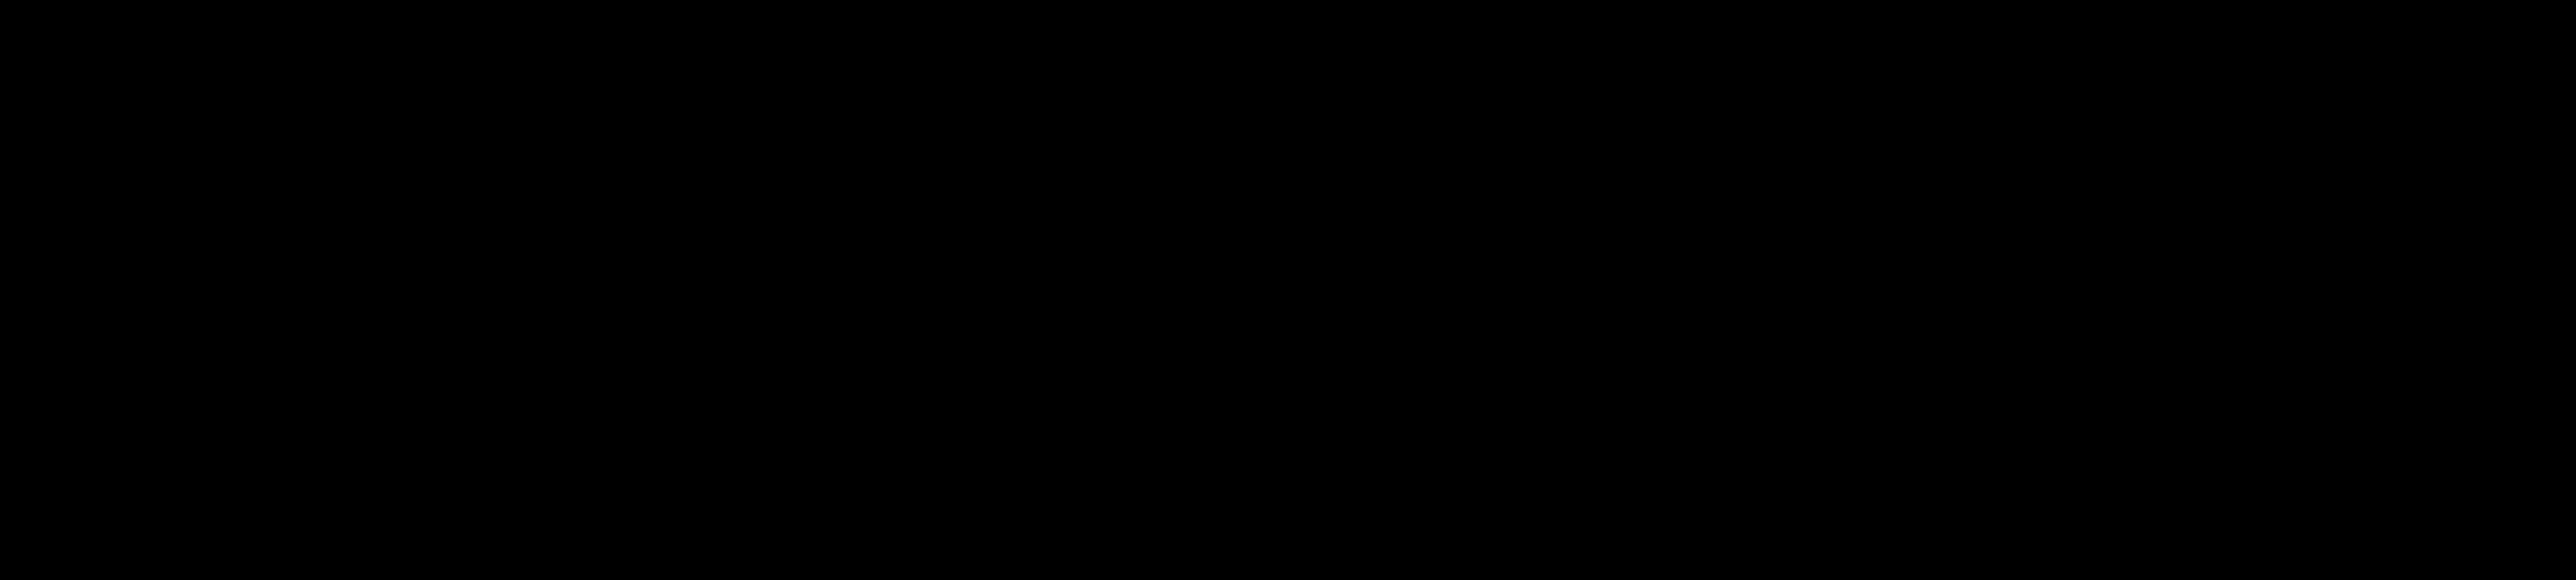 Pasi Silvennoinen – Lahti